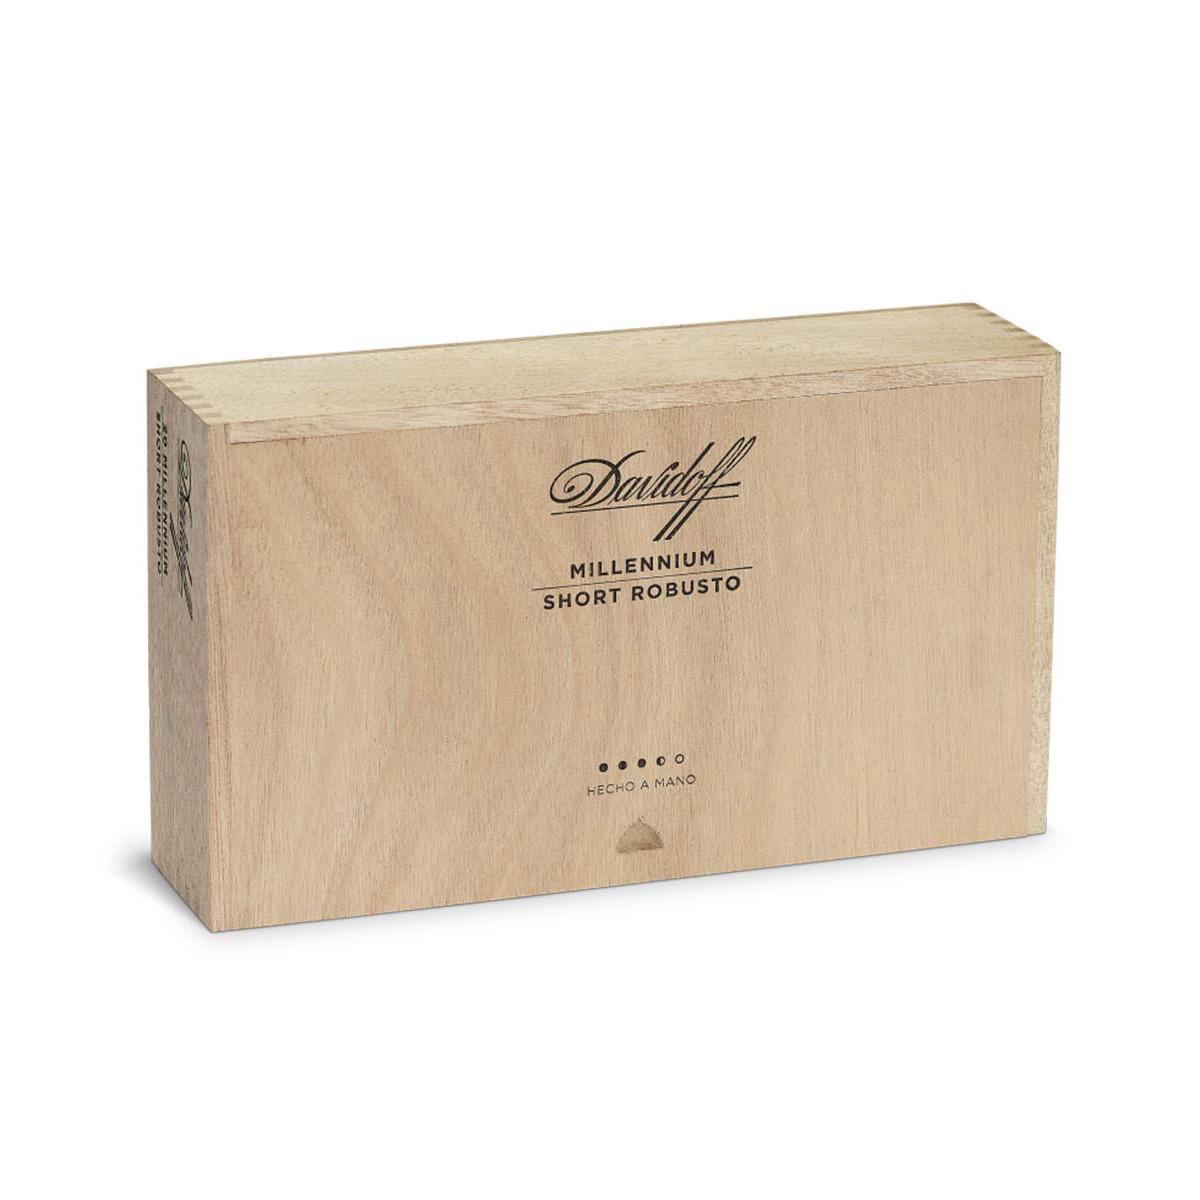 Davidoff Millennium Short Robusto (4.25x52 / Box 20)